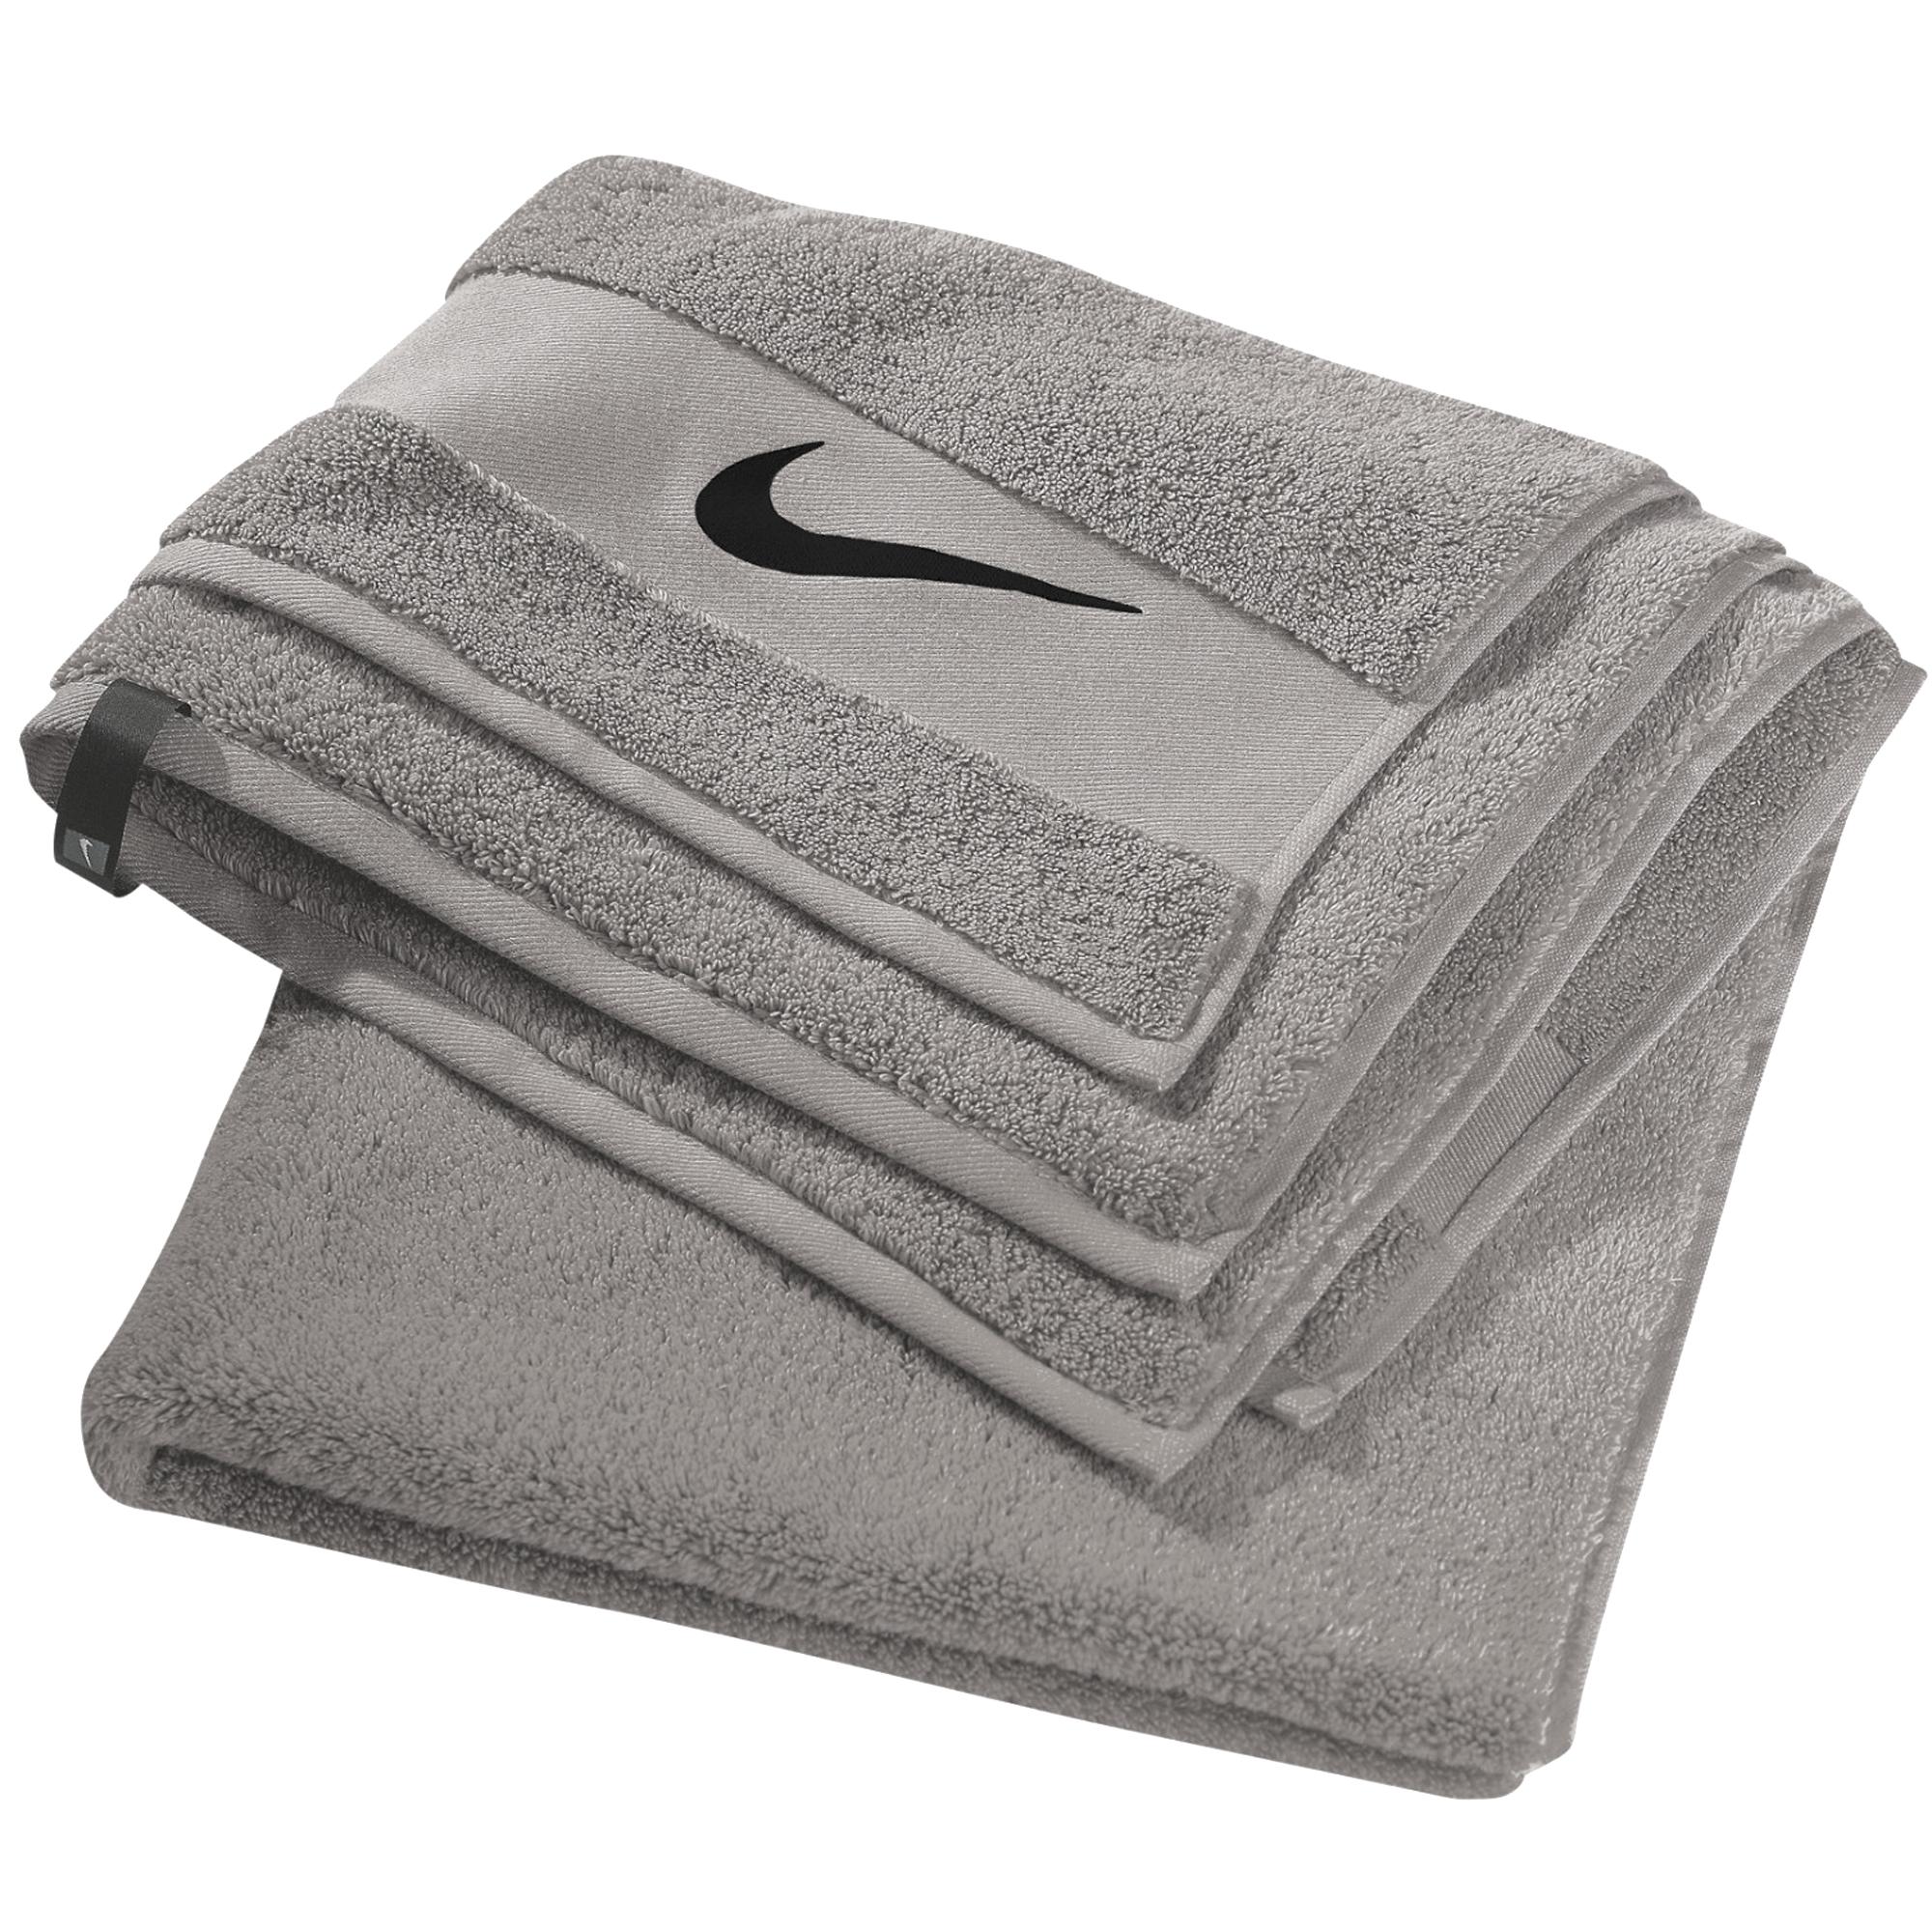 Fila Sports Towel: Nike Large Sport Towel 140x70 Havlu #AC1087-025